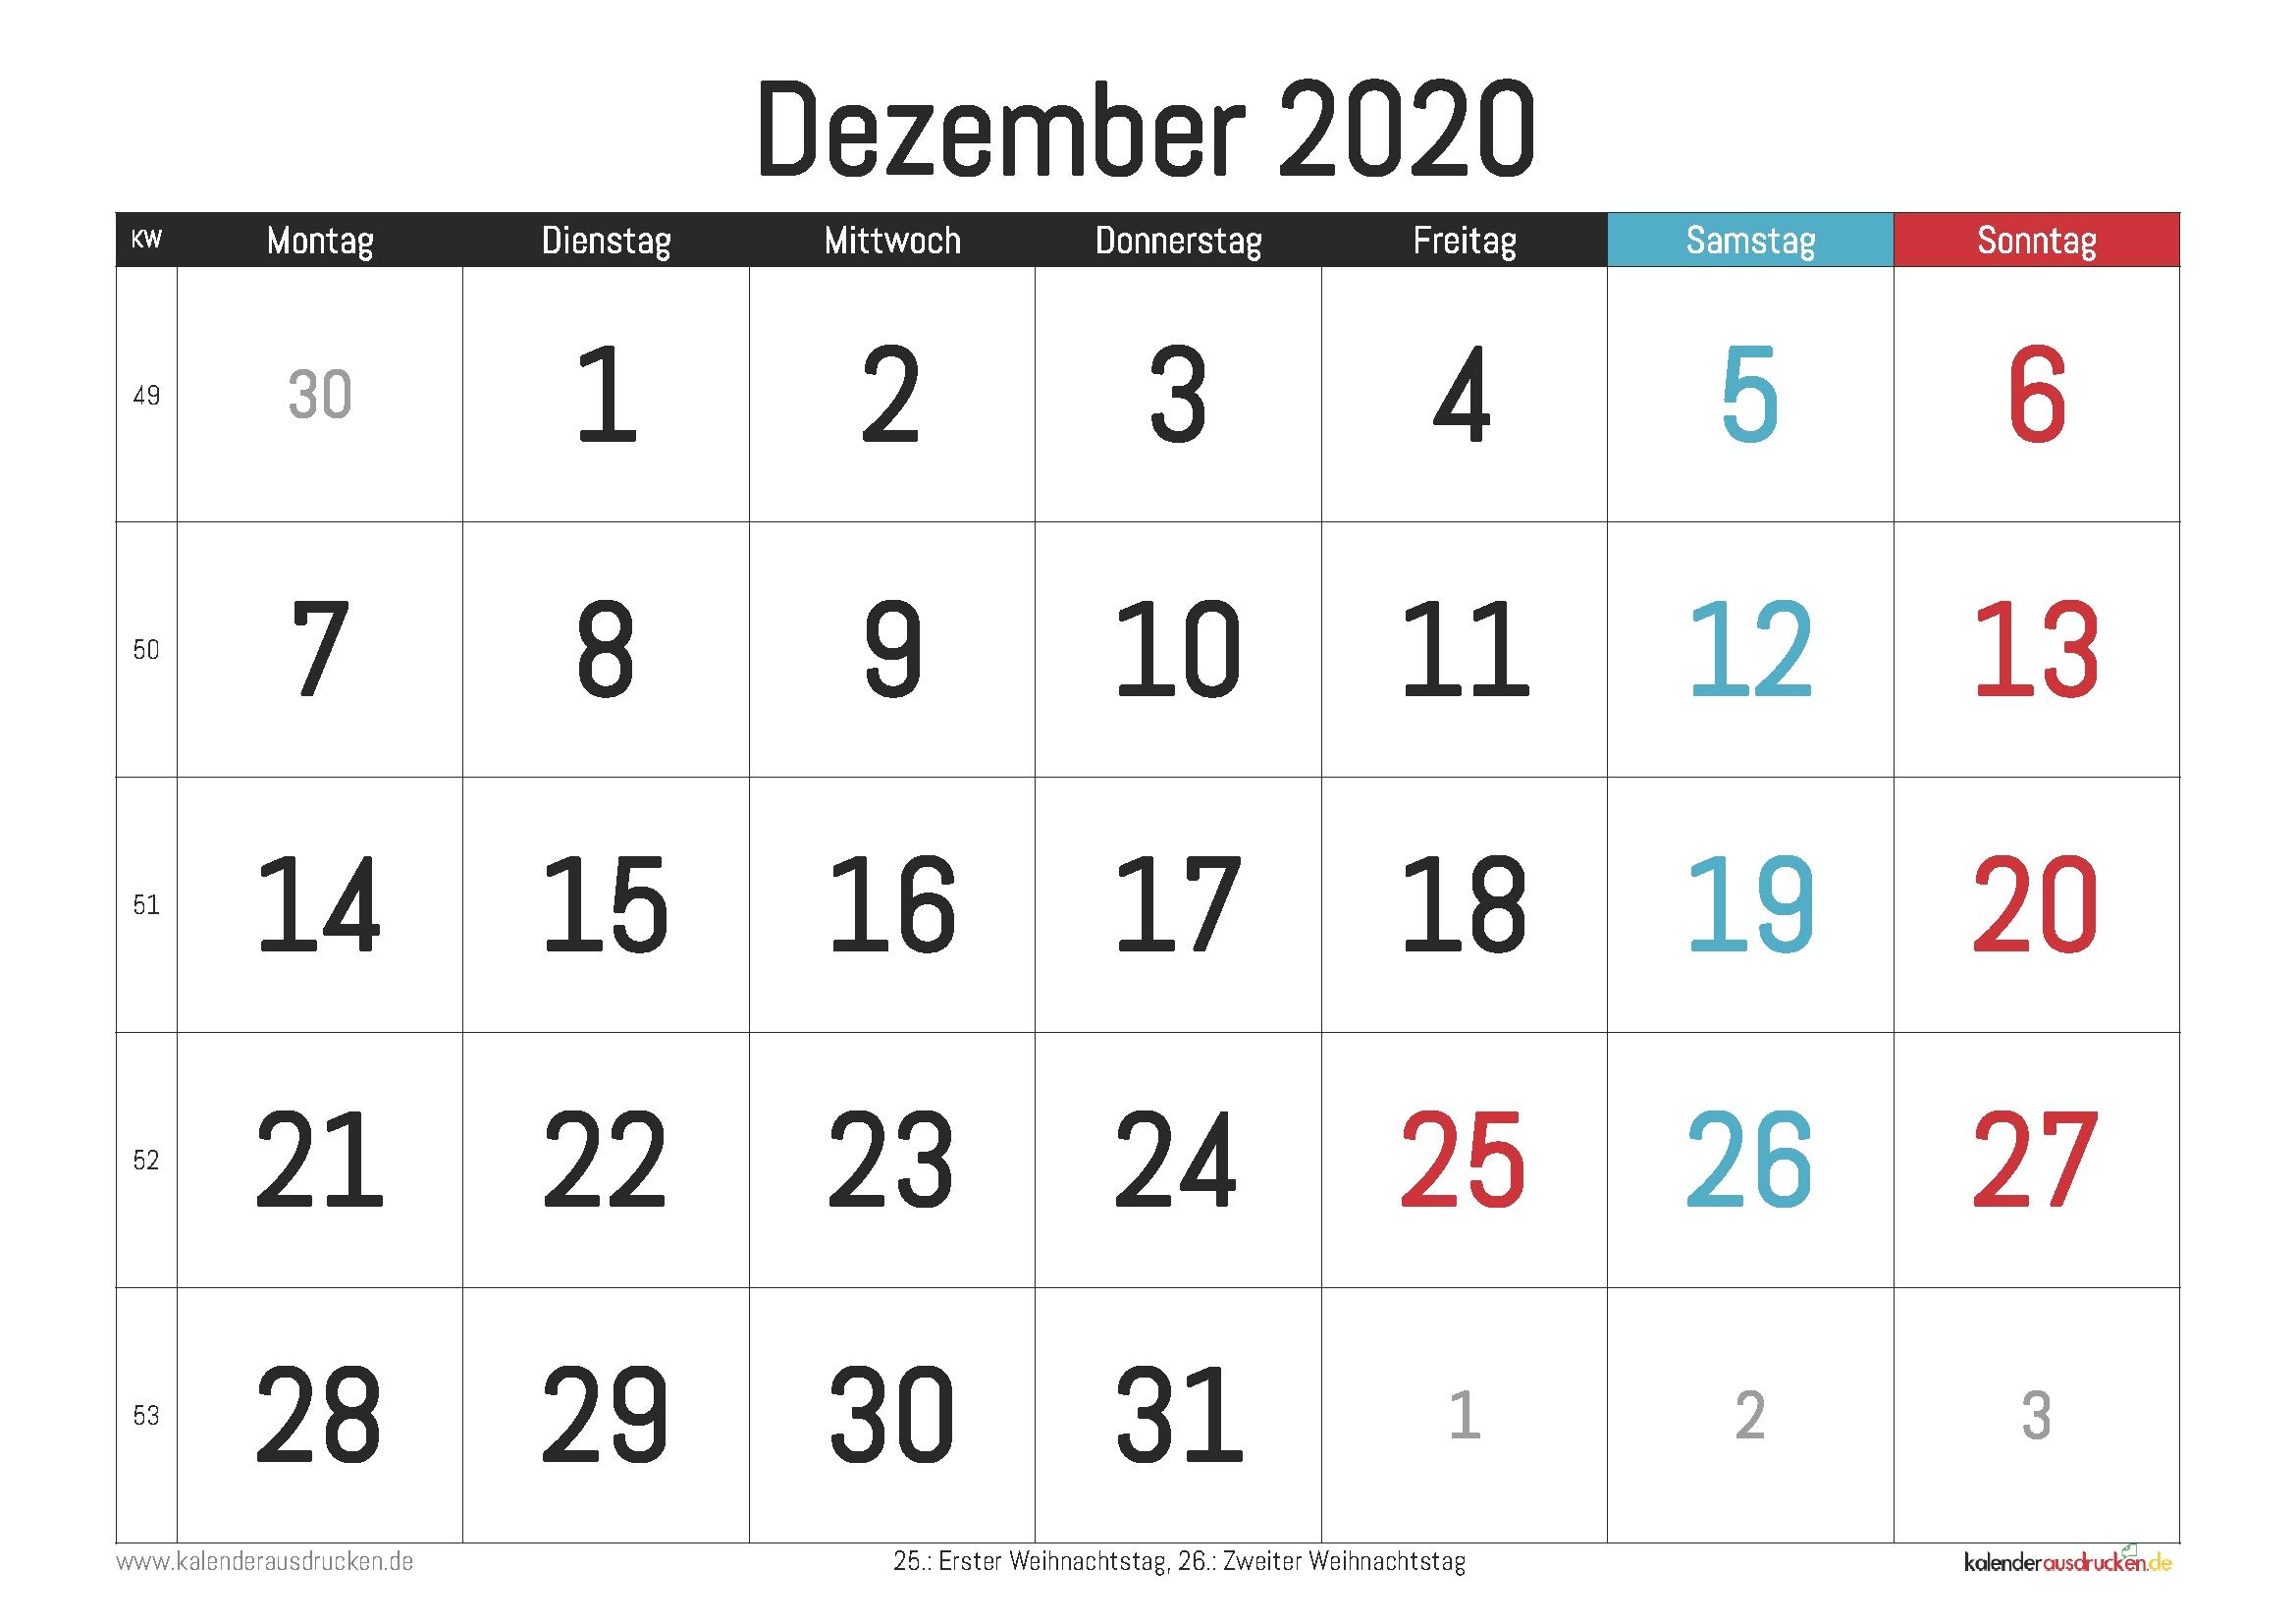 Get Oktober – Dezember 2021 Kalender